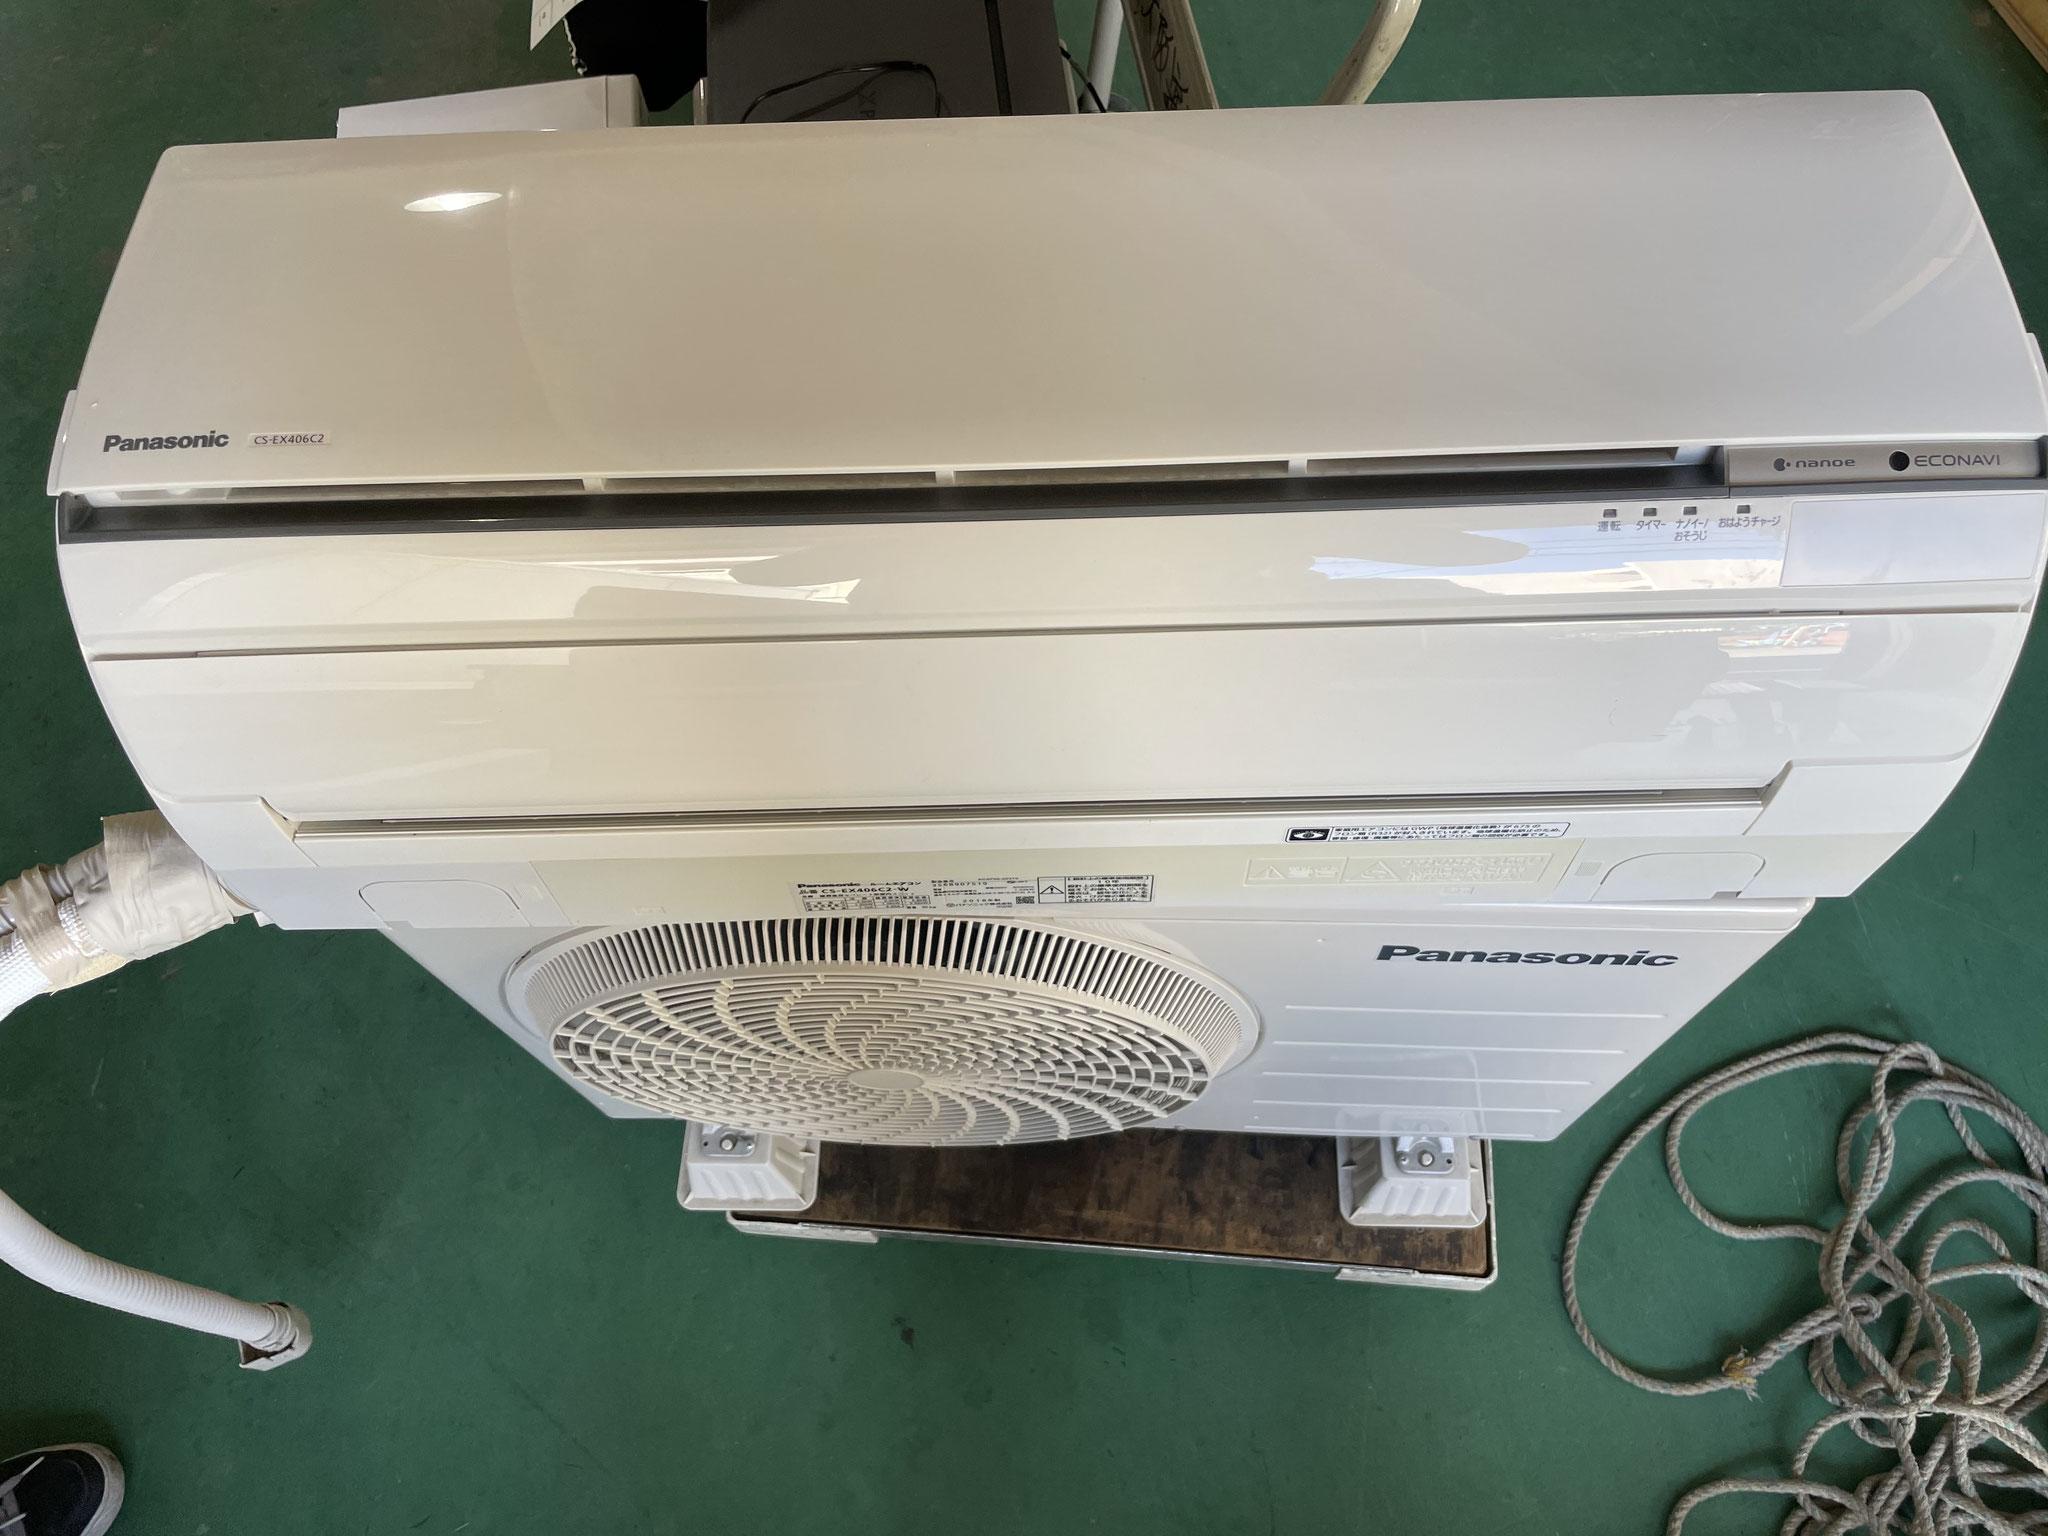 Panasonicエアコン